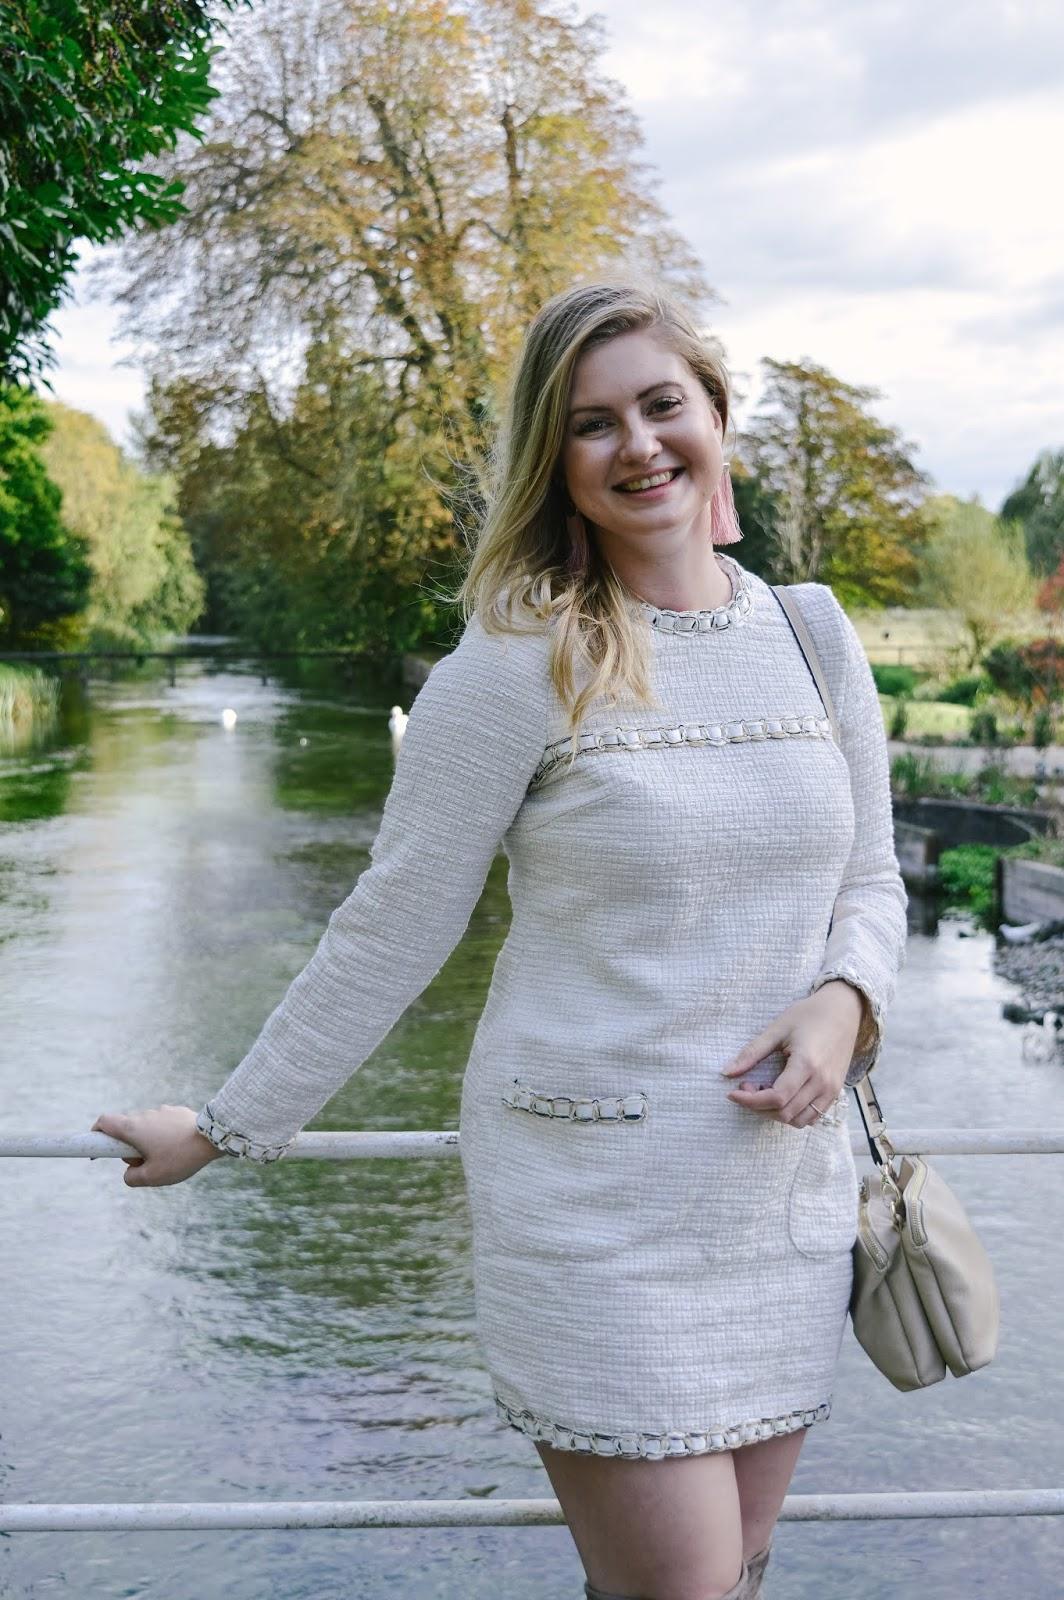 Hampshire lifestyle blog, Dalry Rose blog, UK fashion blog, UK lifestyle blog